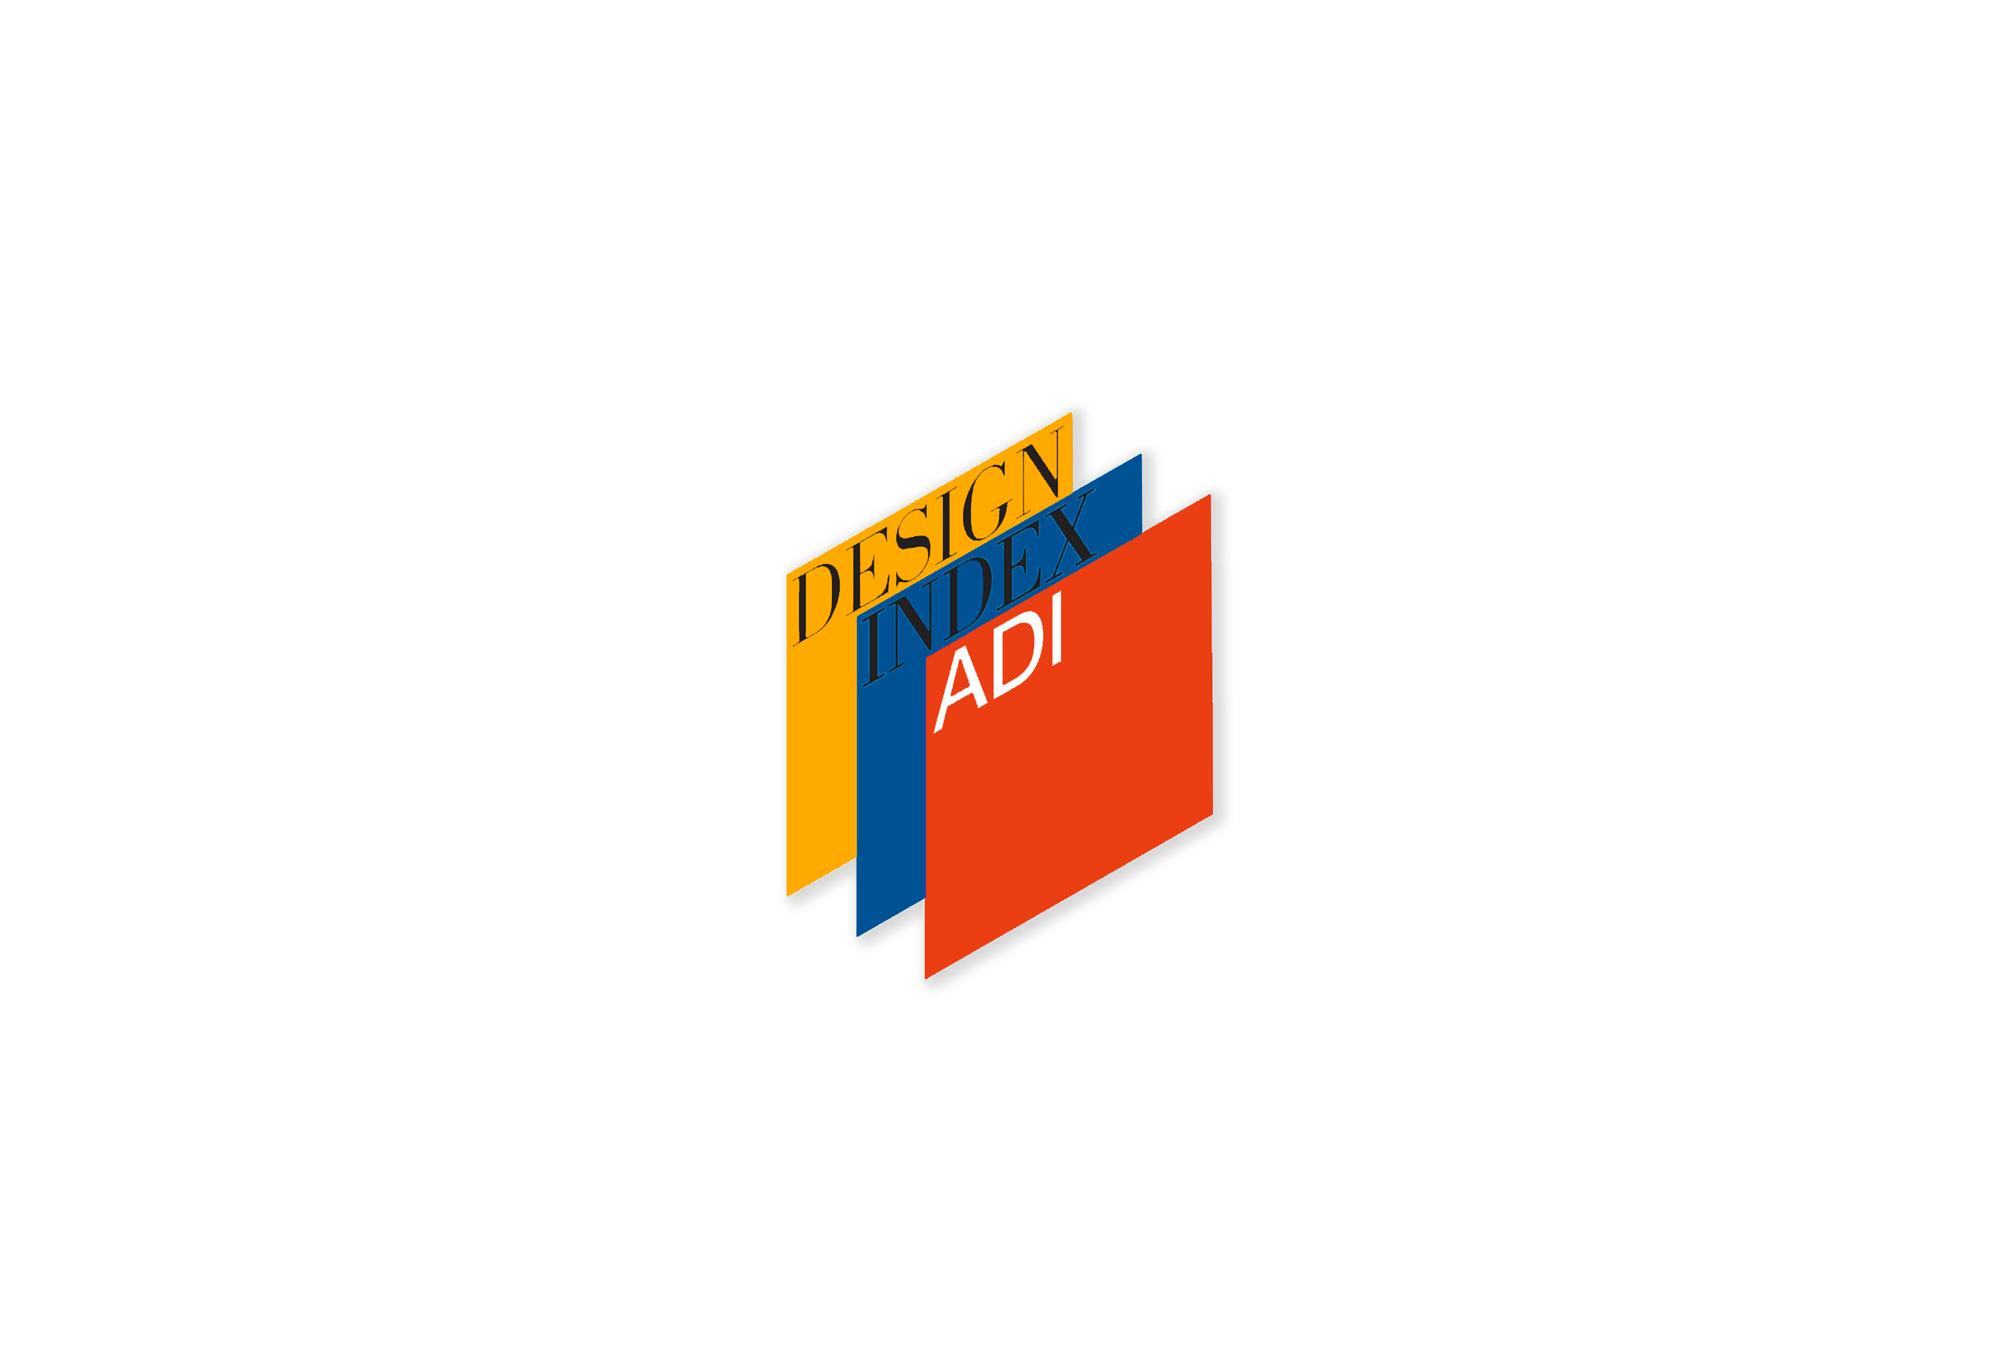 Innovationspreises ADI Design Index 2017